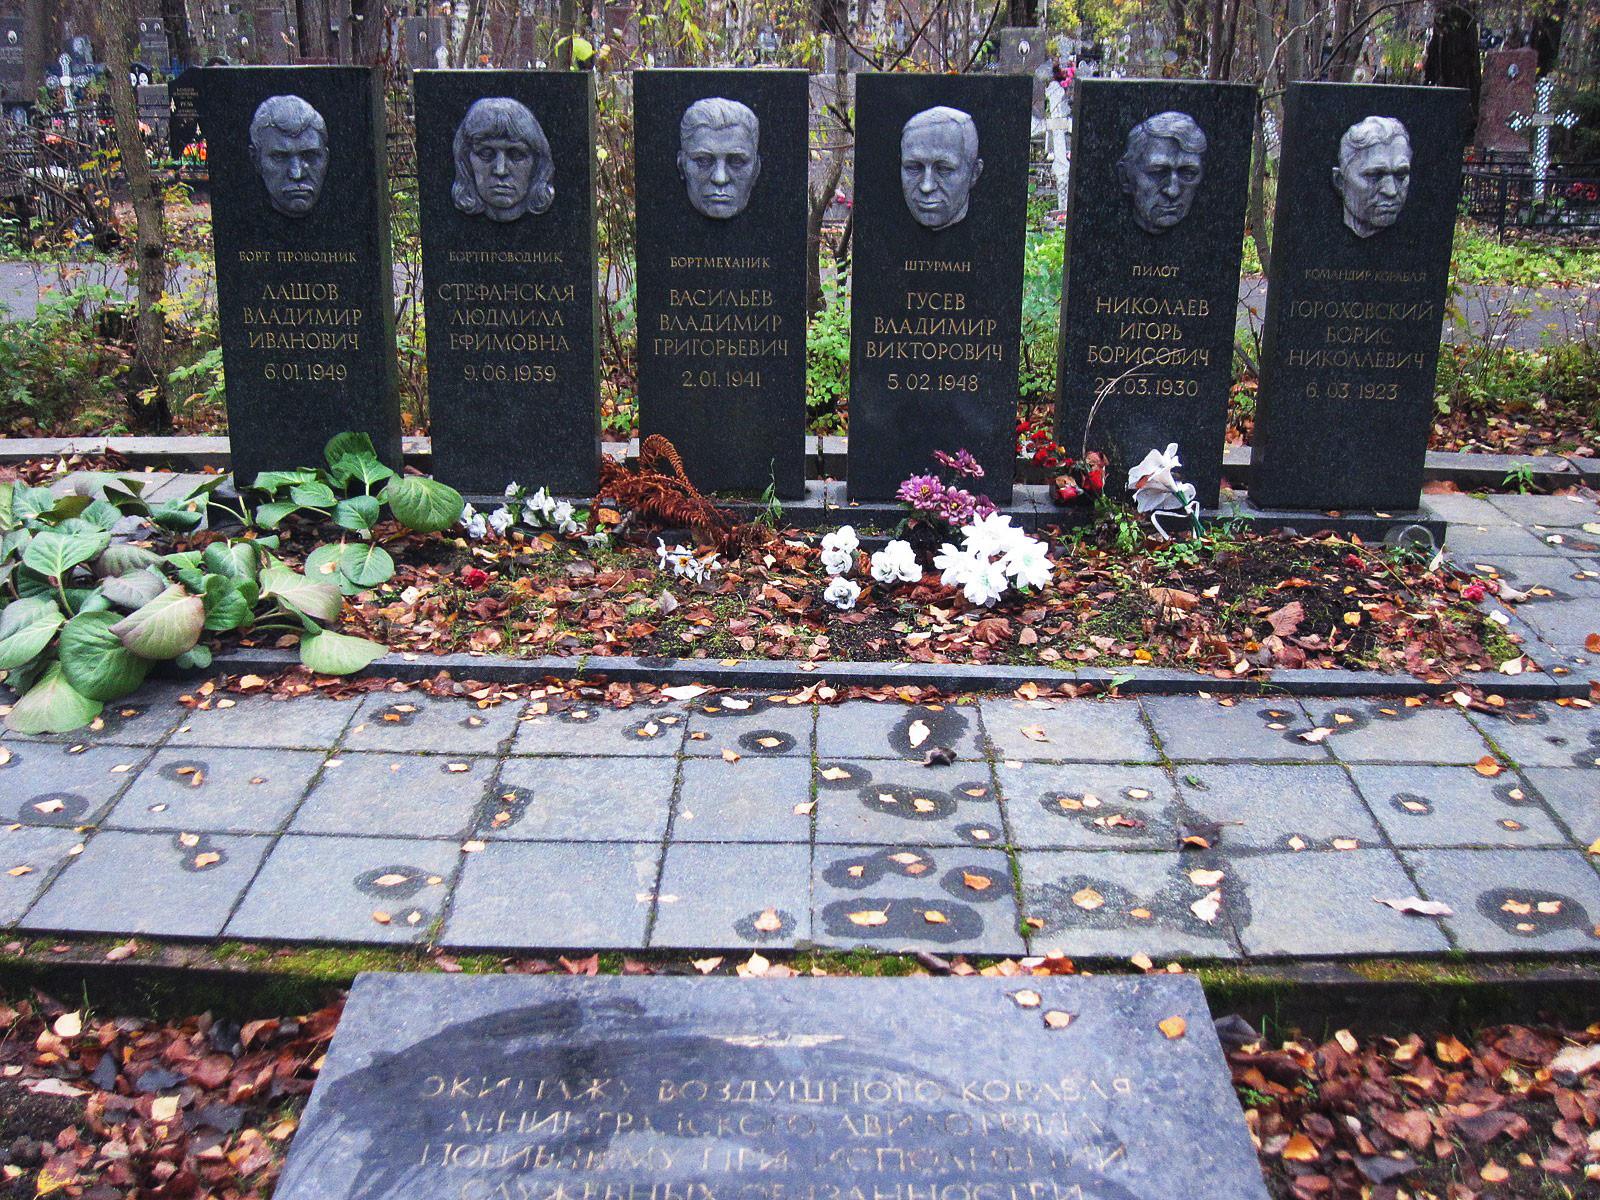 Мемориал экипажу Ту-104, борт СССР-42471. Фото © Википедия